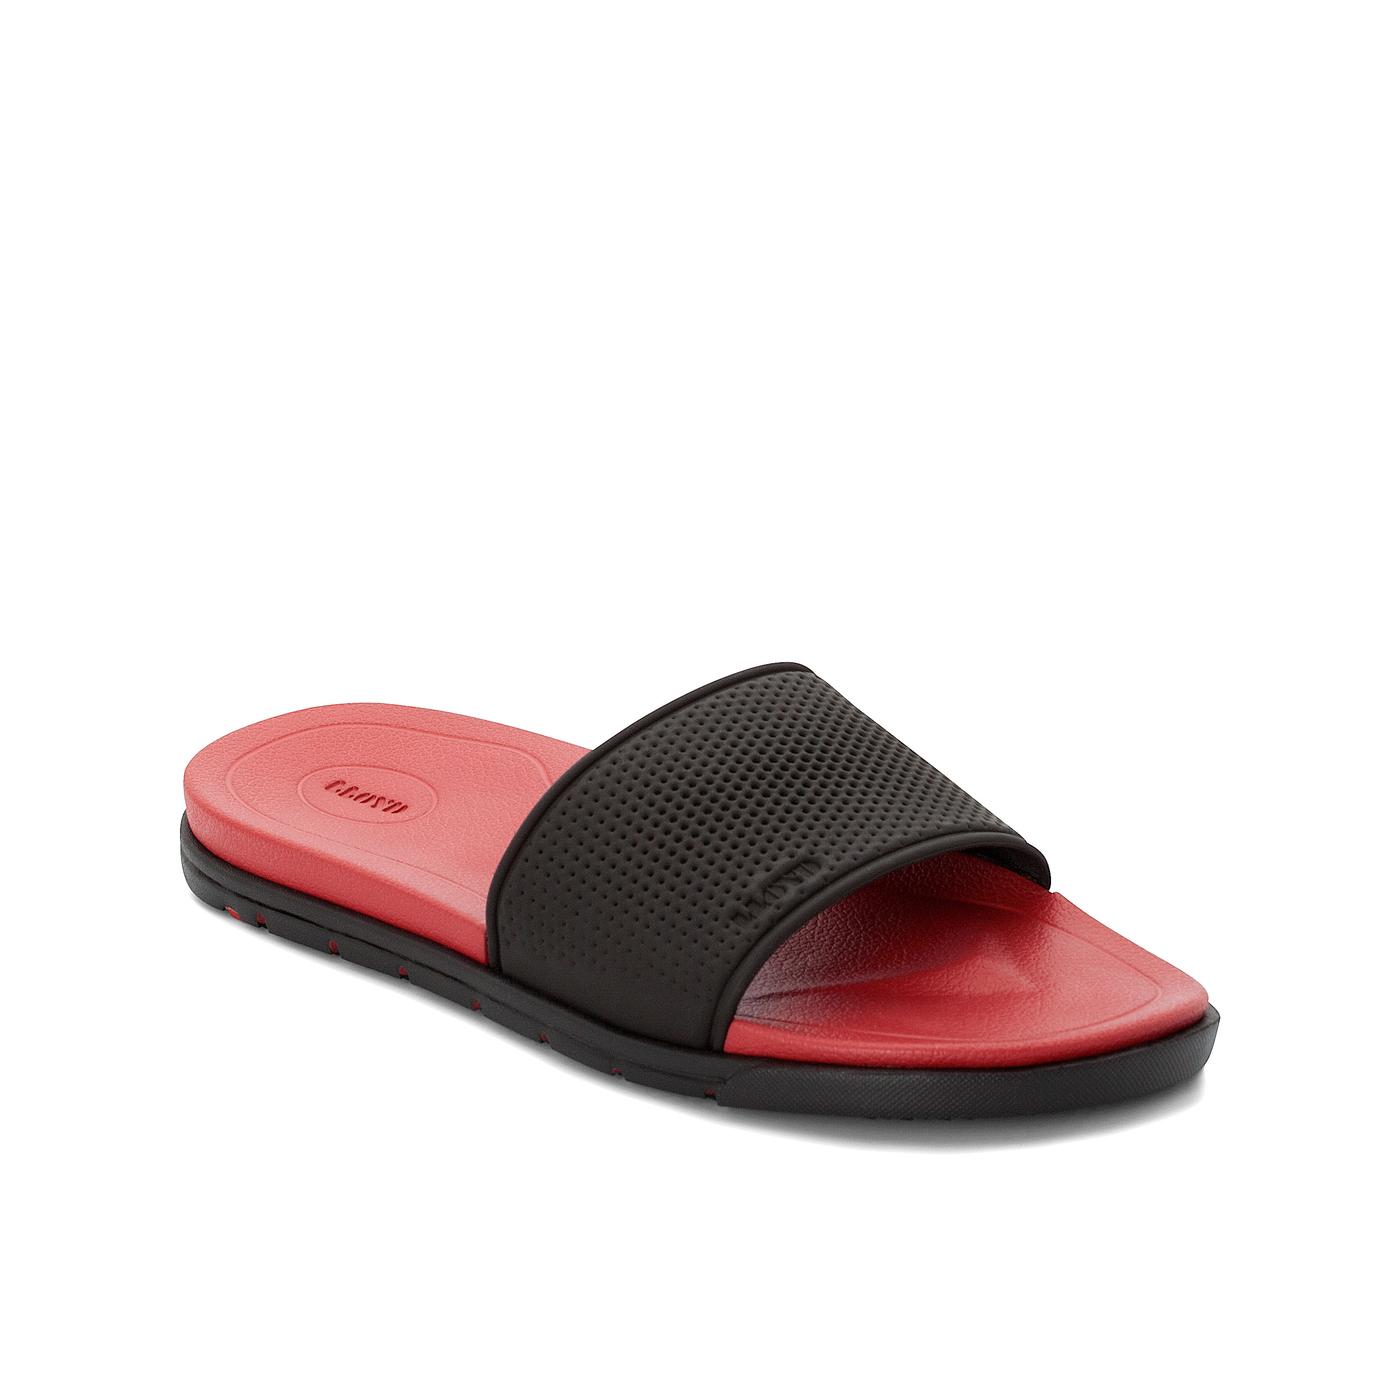 BEACH PANTOLETTE | Schuhe > Clogs & Pantoletten > Pantoletten | Rot | LLOYD